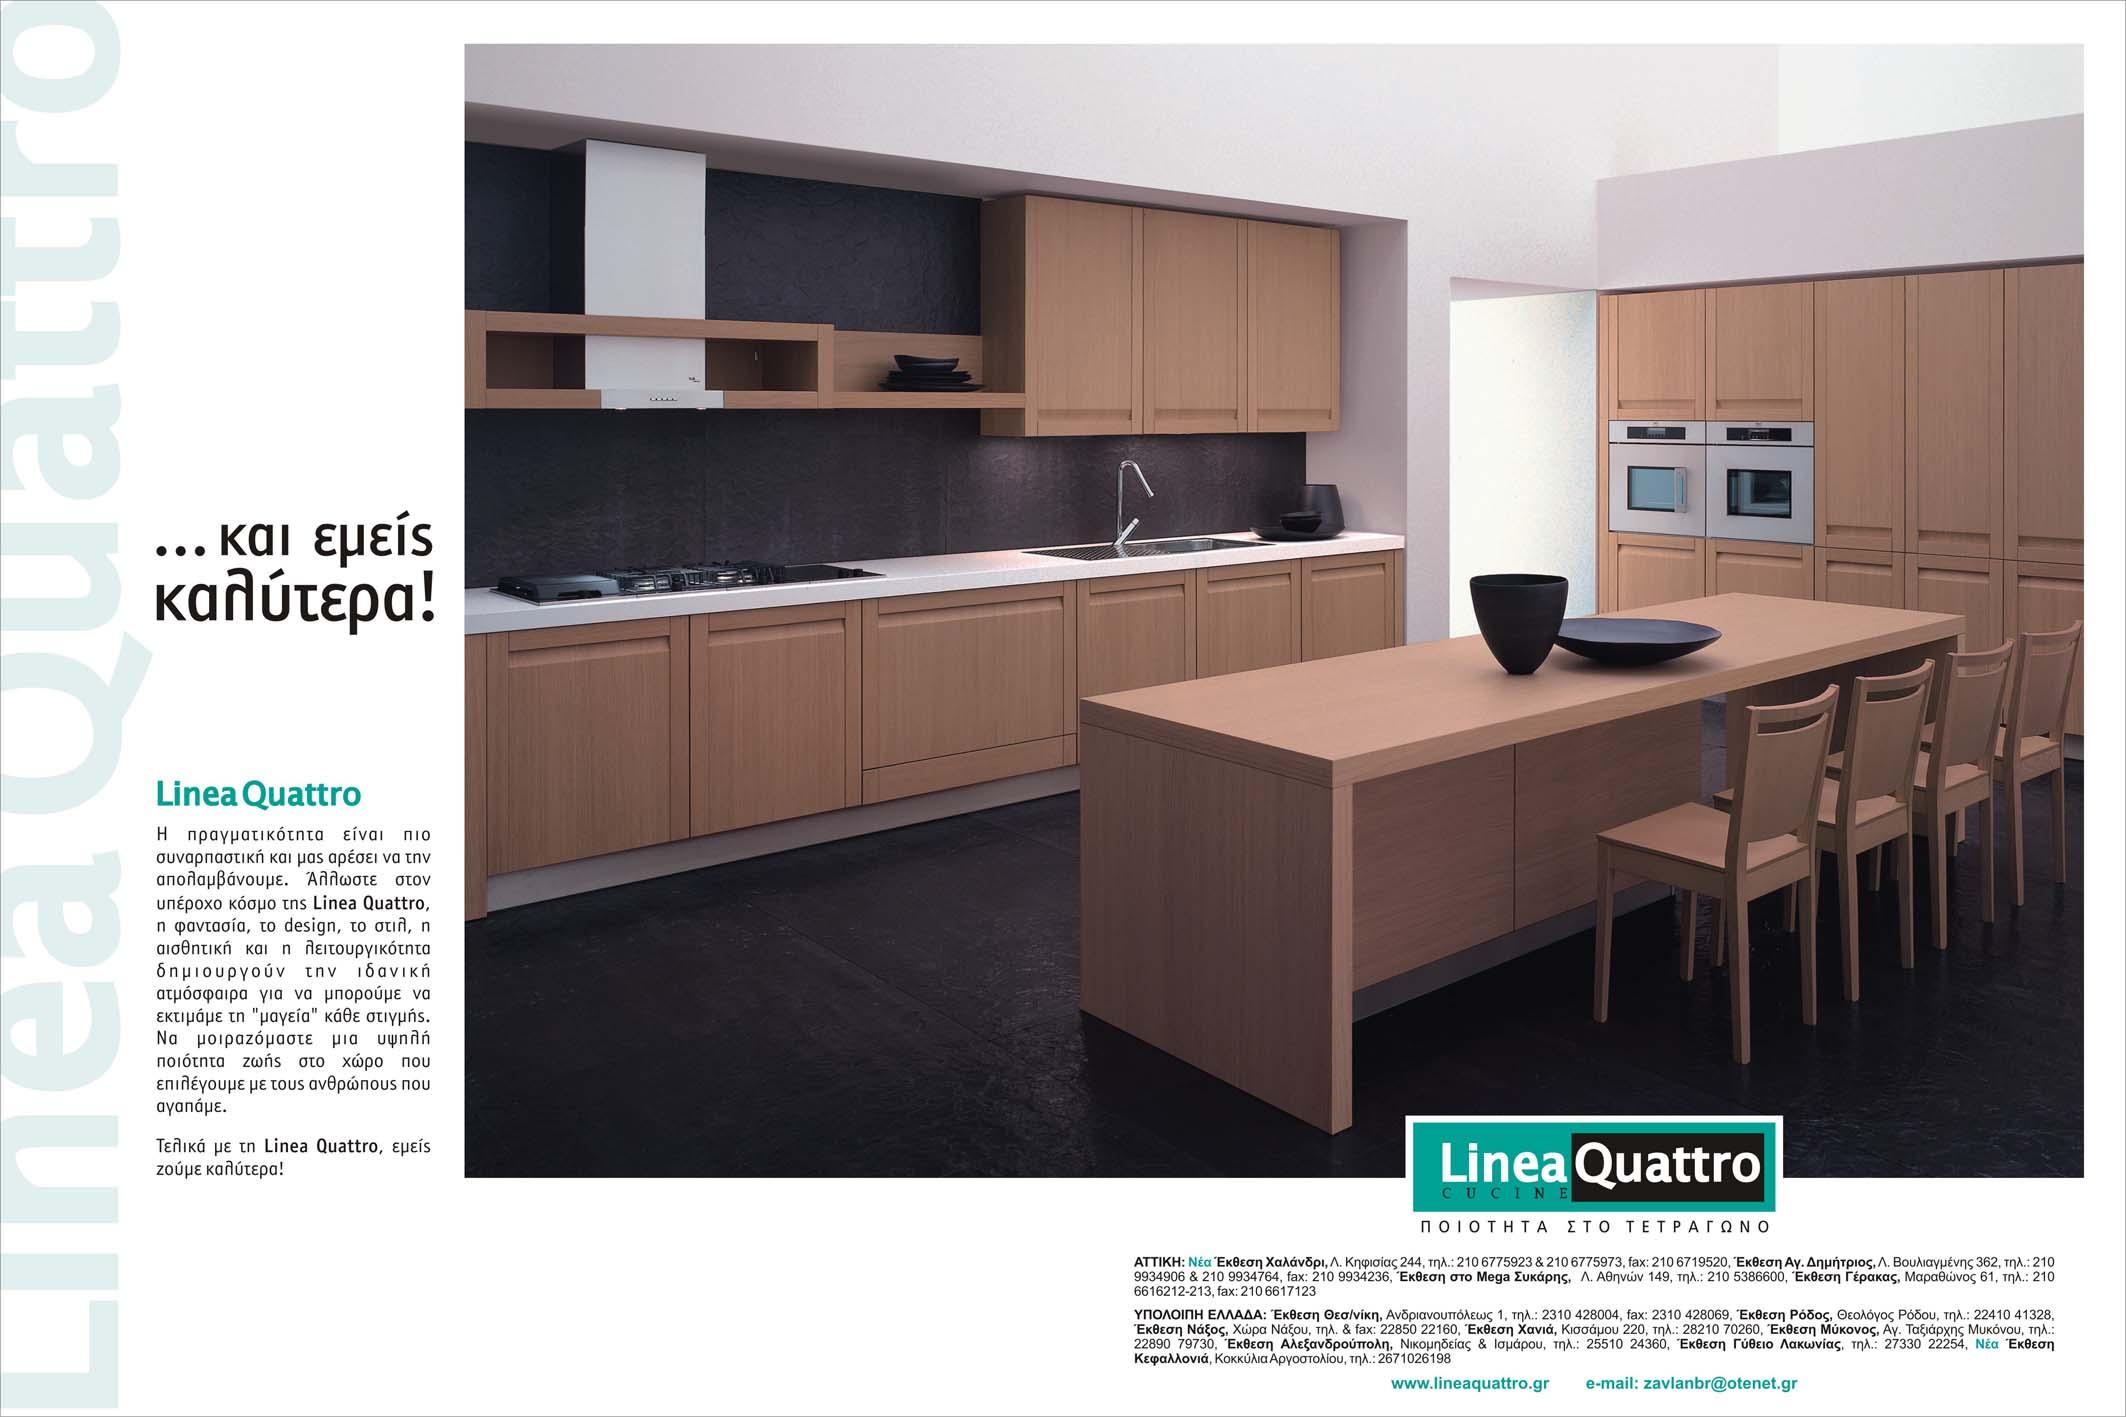 Linea Quattro. Elegant Ambra Kitchen With Linea Quattro. Finest ...